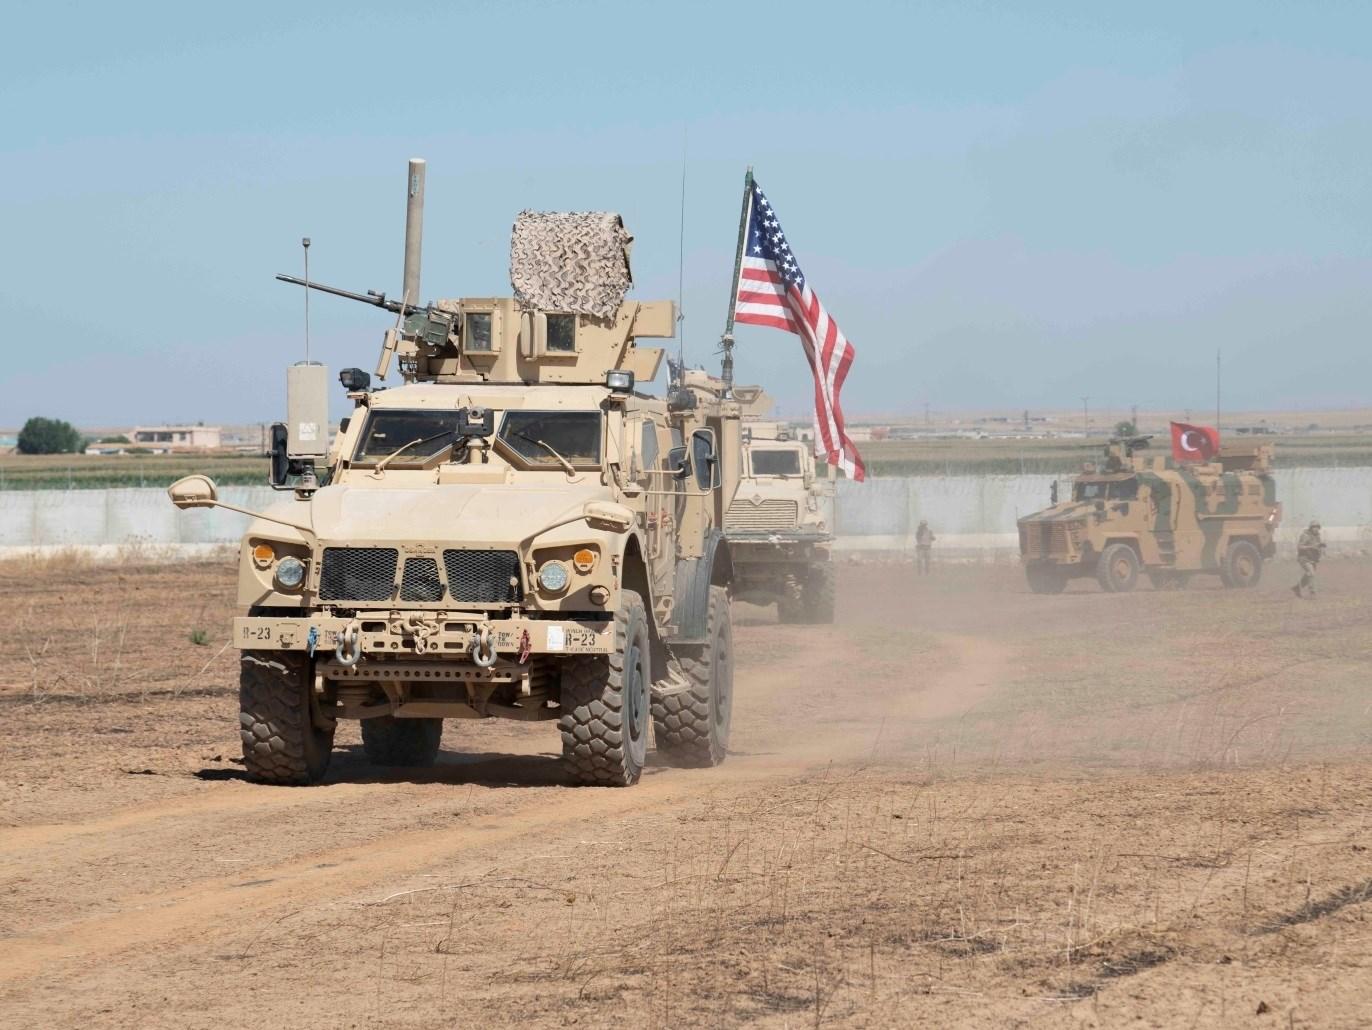 ماذا لو رضخت سوريا للإملاءات الأميركية؟